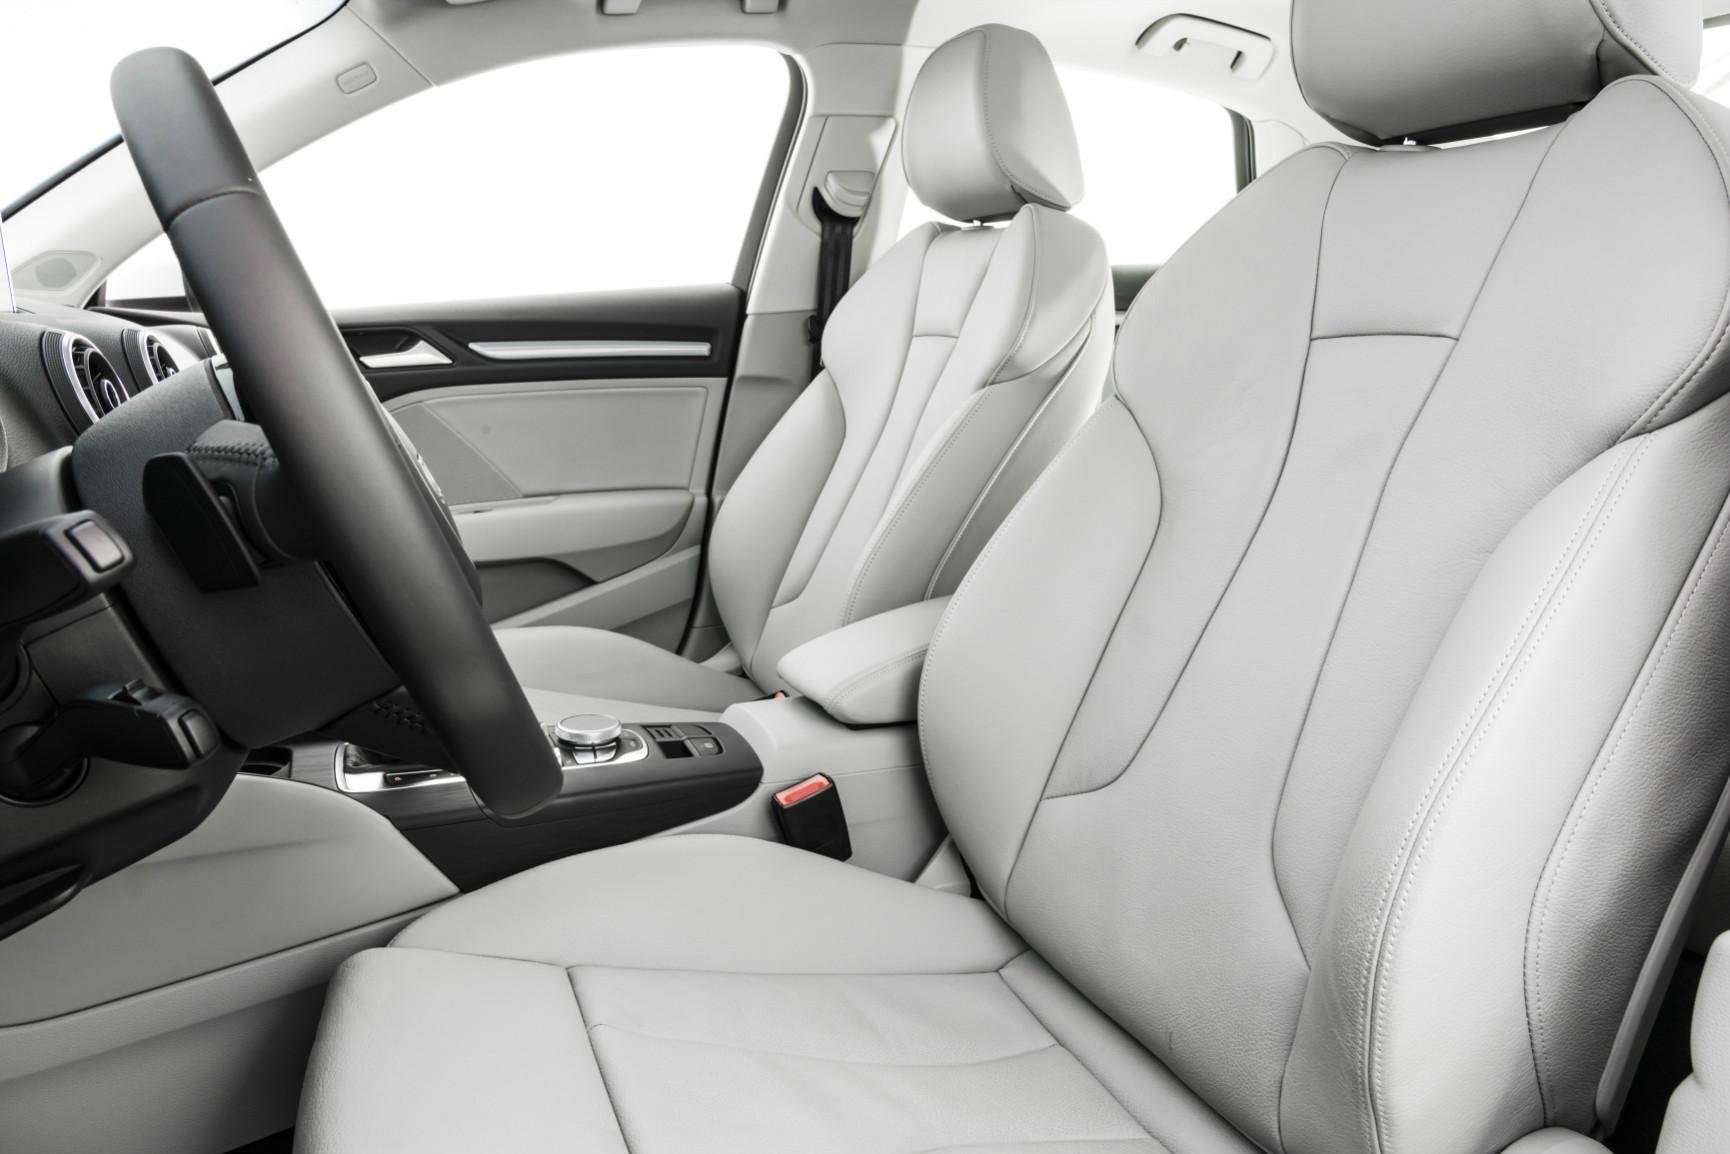 Audi A3 Sedan 2 0 Tfsi Um Esportivo Disfarcado De Seda Quatro Rodas